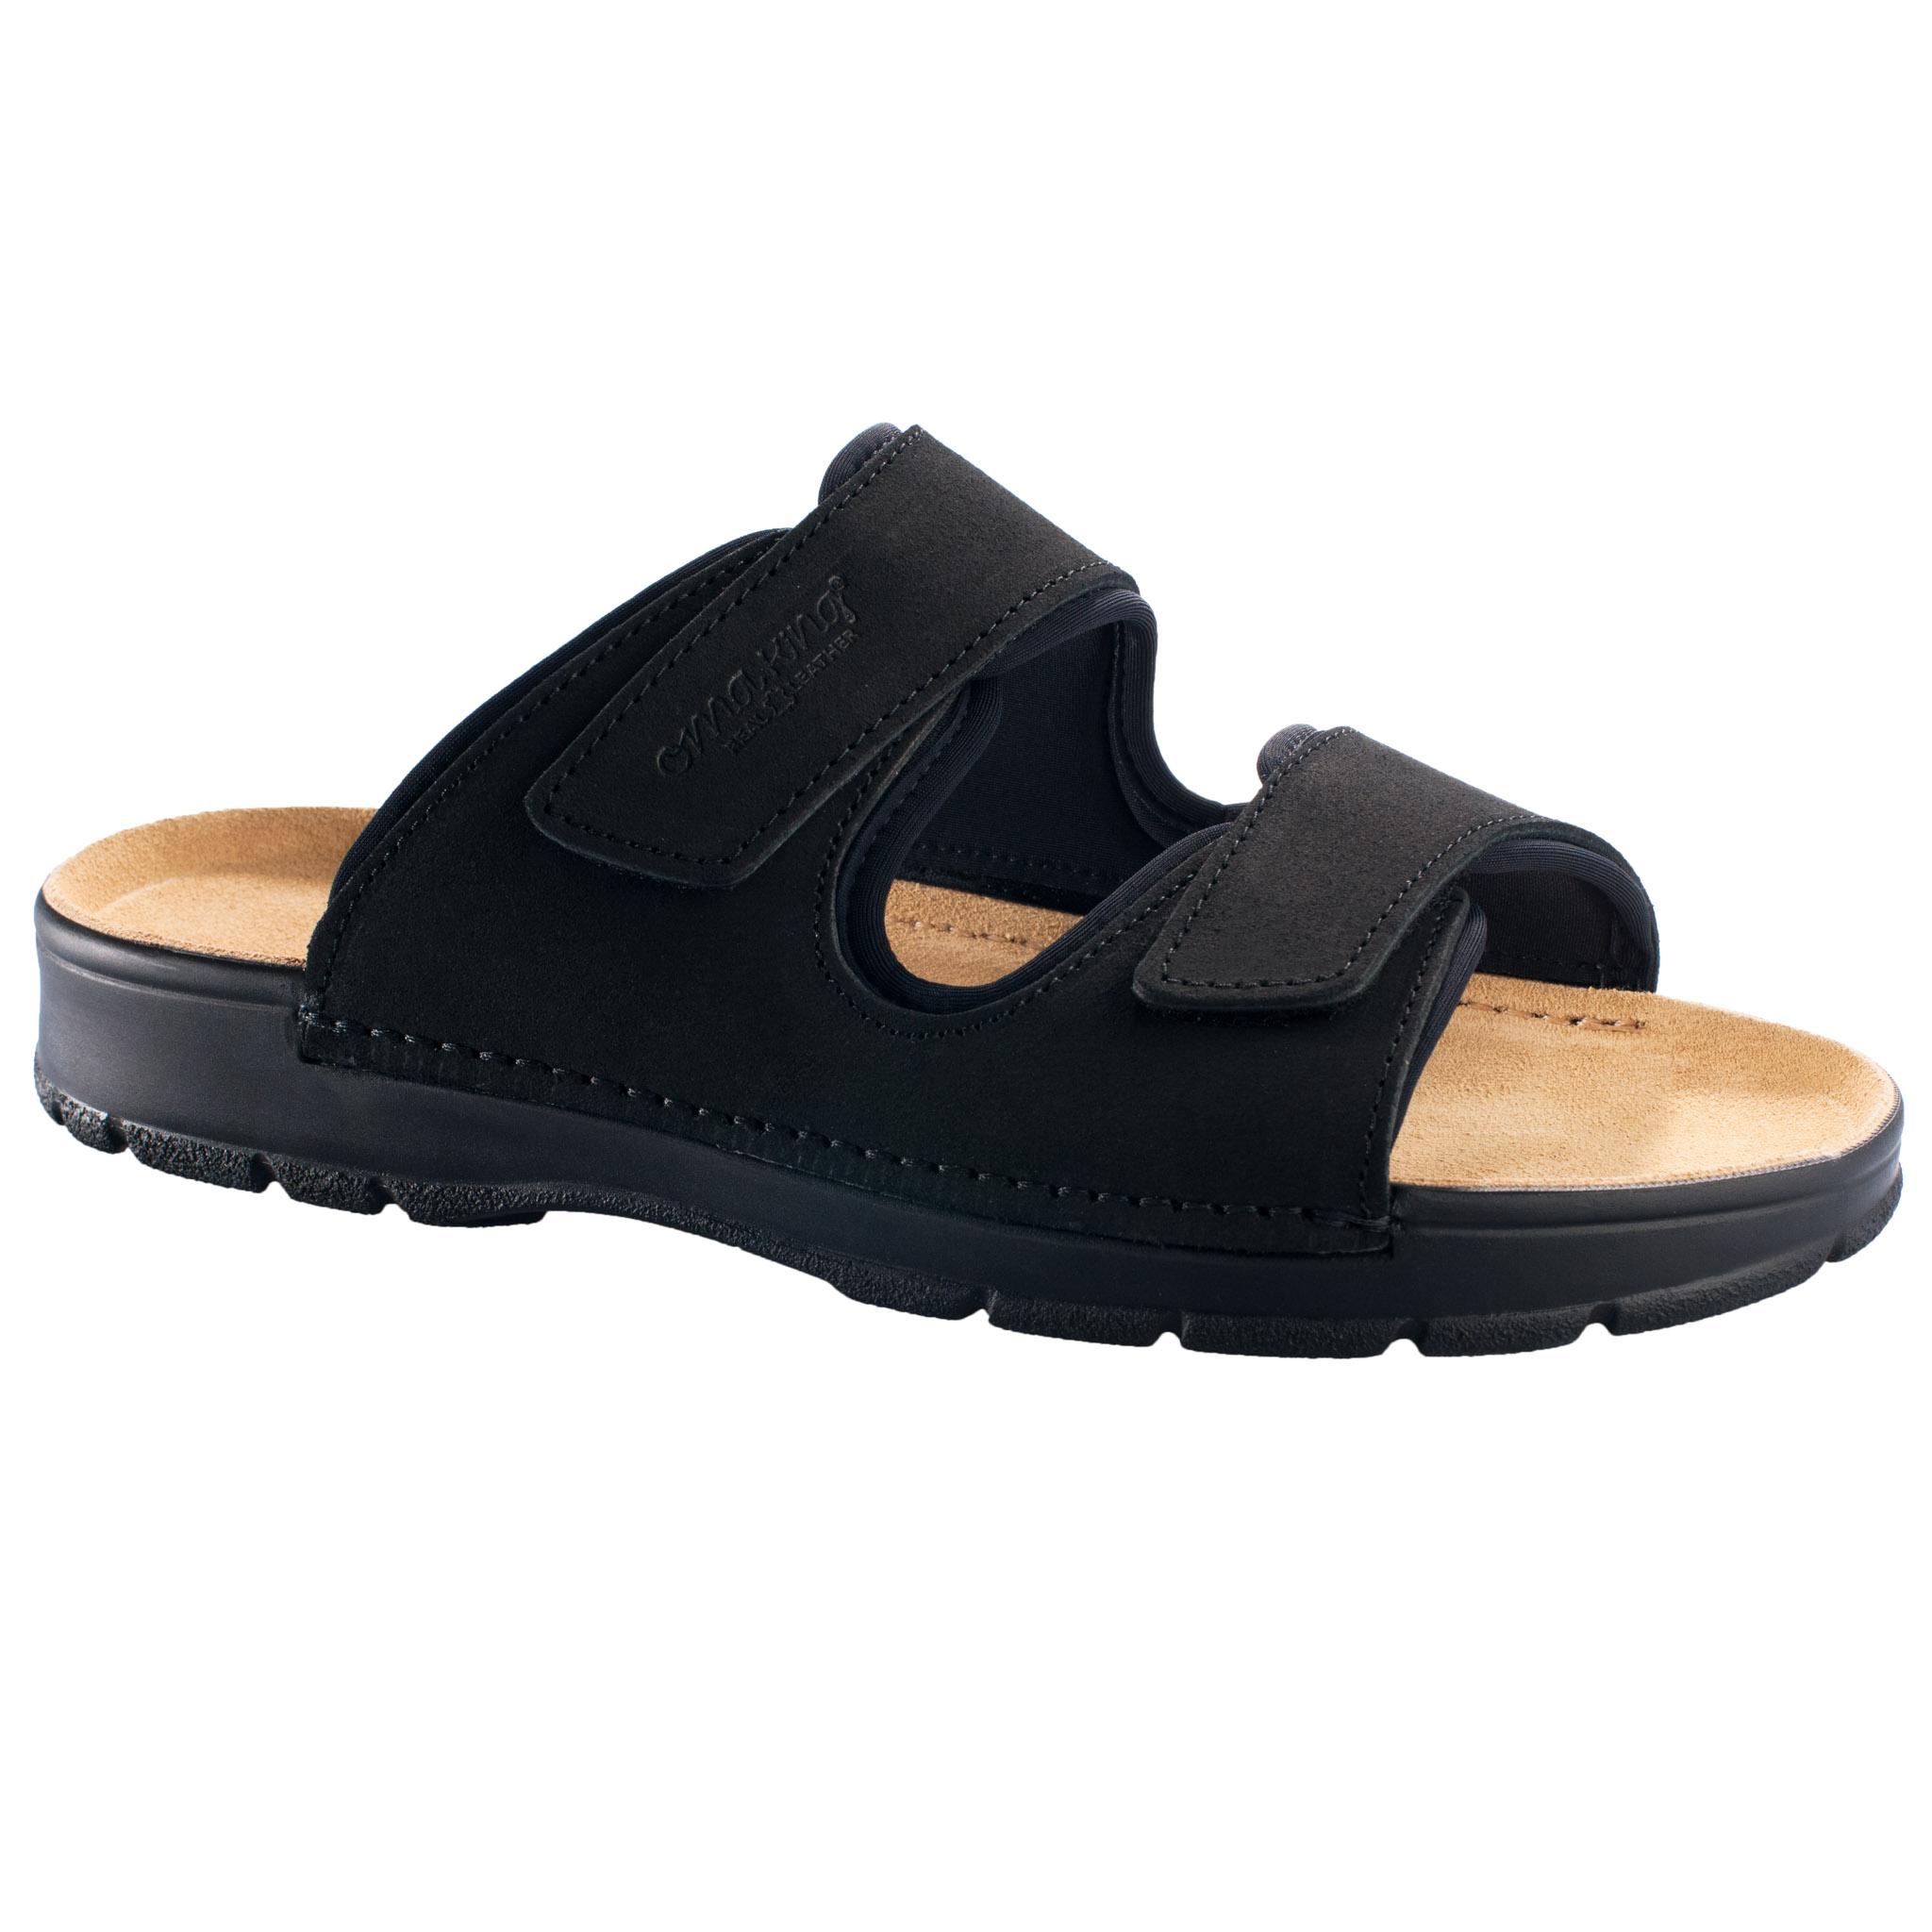 d22bee9819a OmaKing takjakinnistega nahast sandaalid Madise - OmaKing